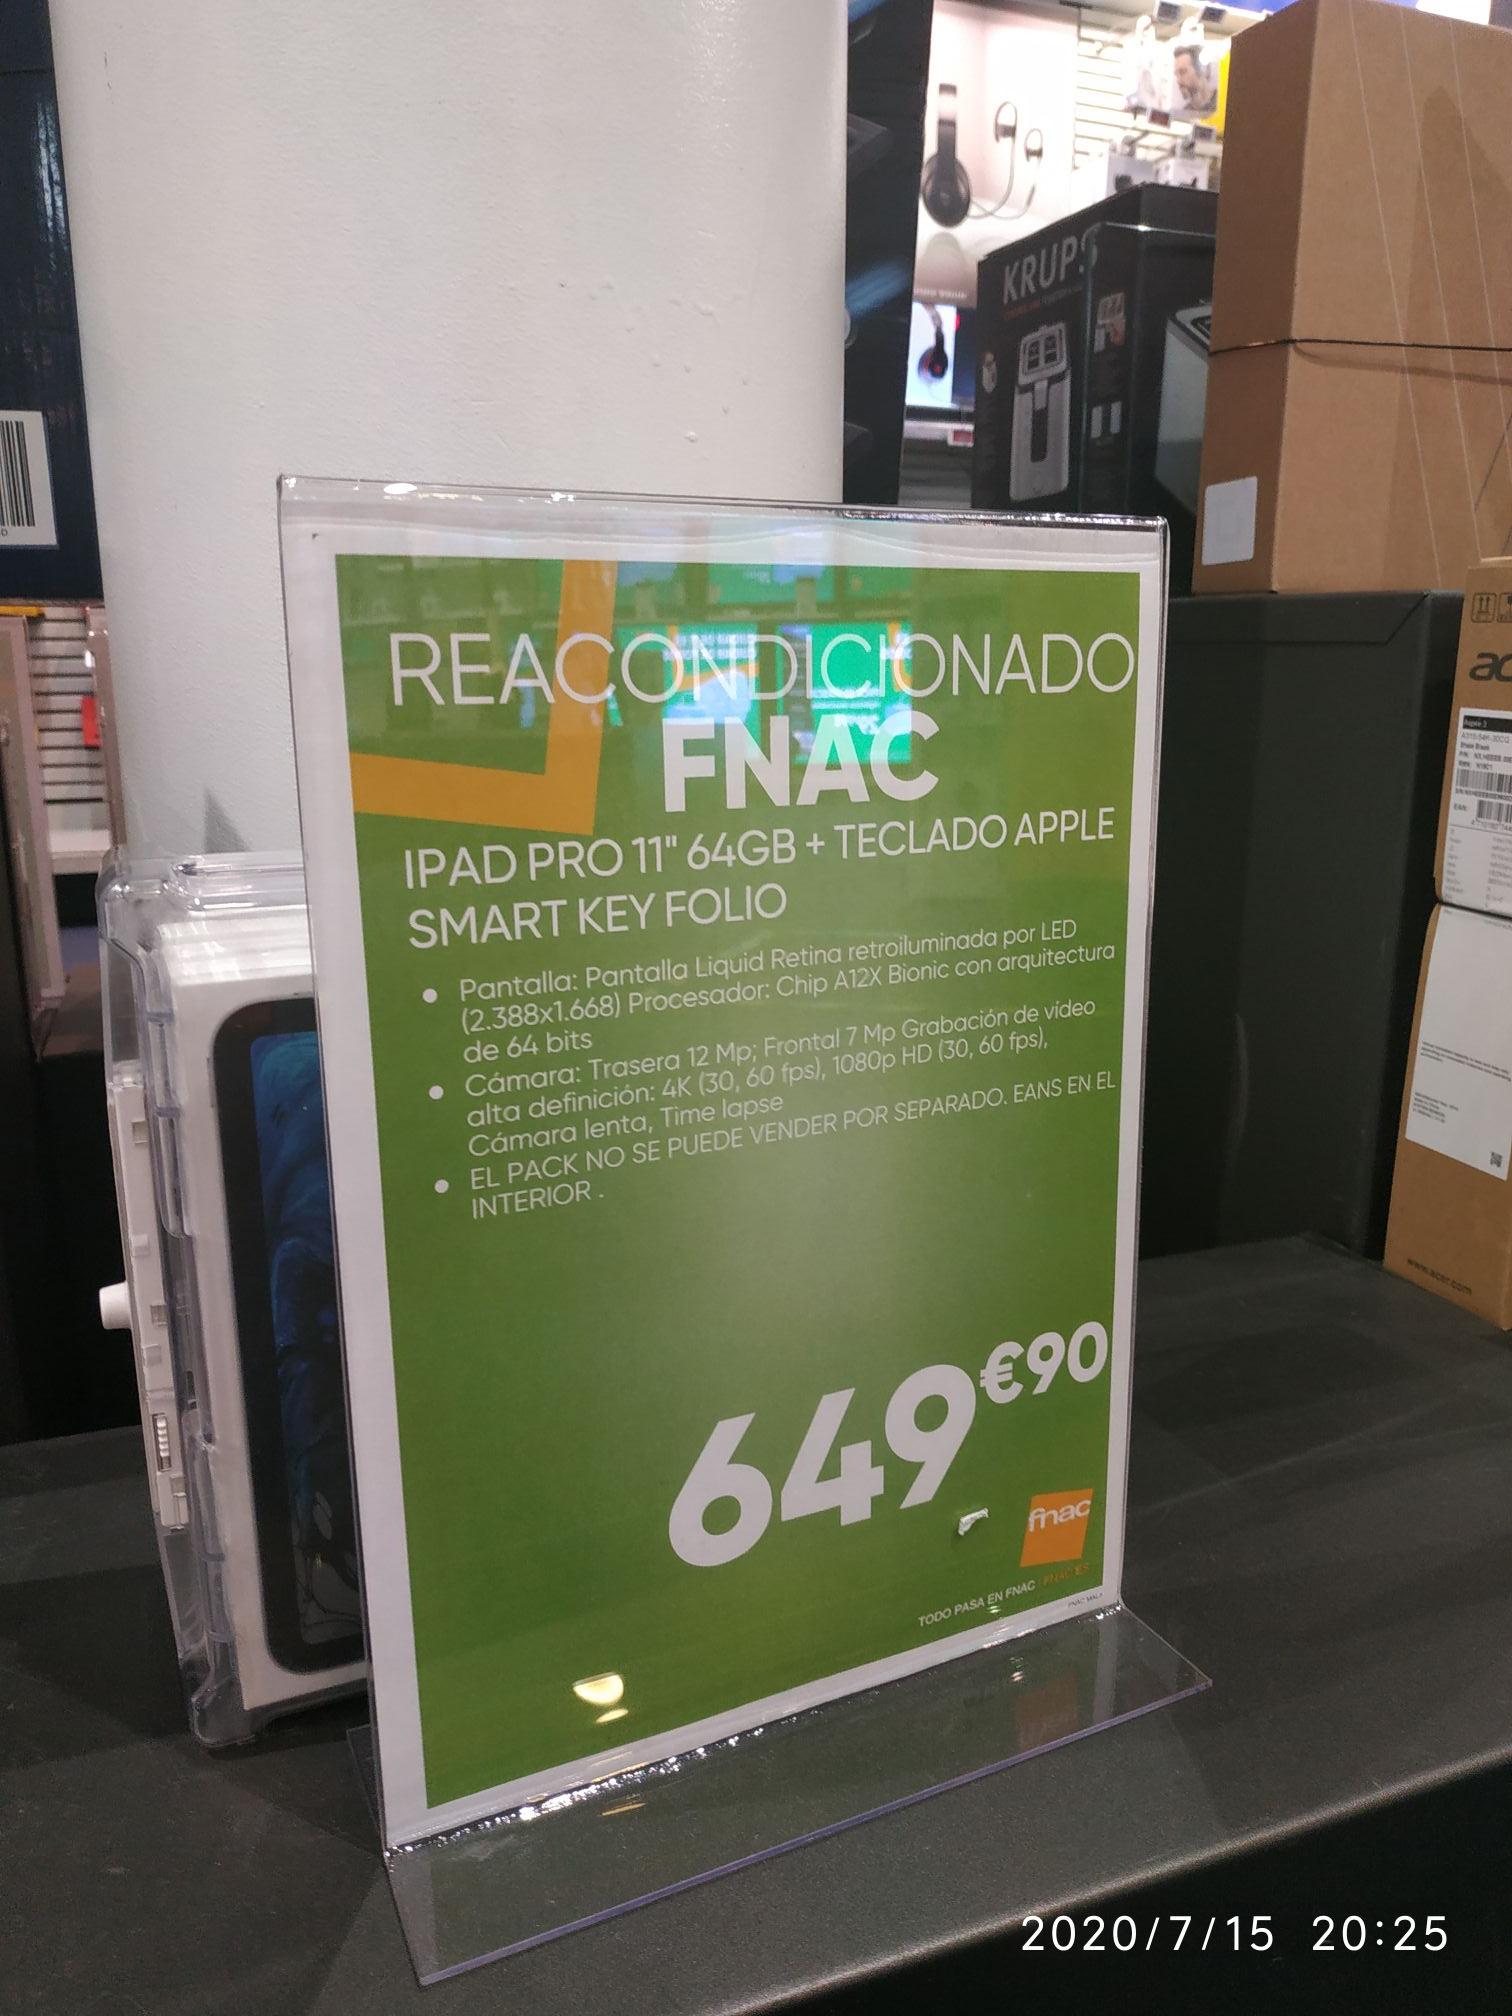 REACONDICIONADO:IPad PRO+Teclado Smart Key Folio en Fnac Málaga